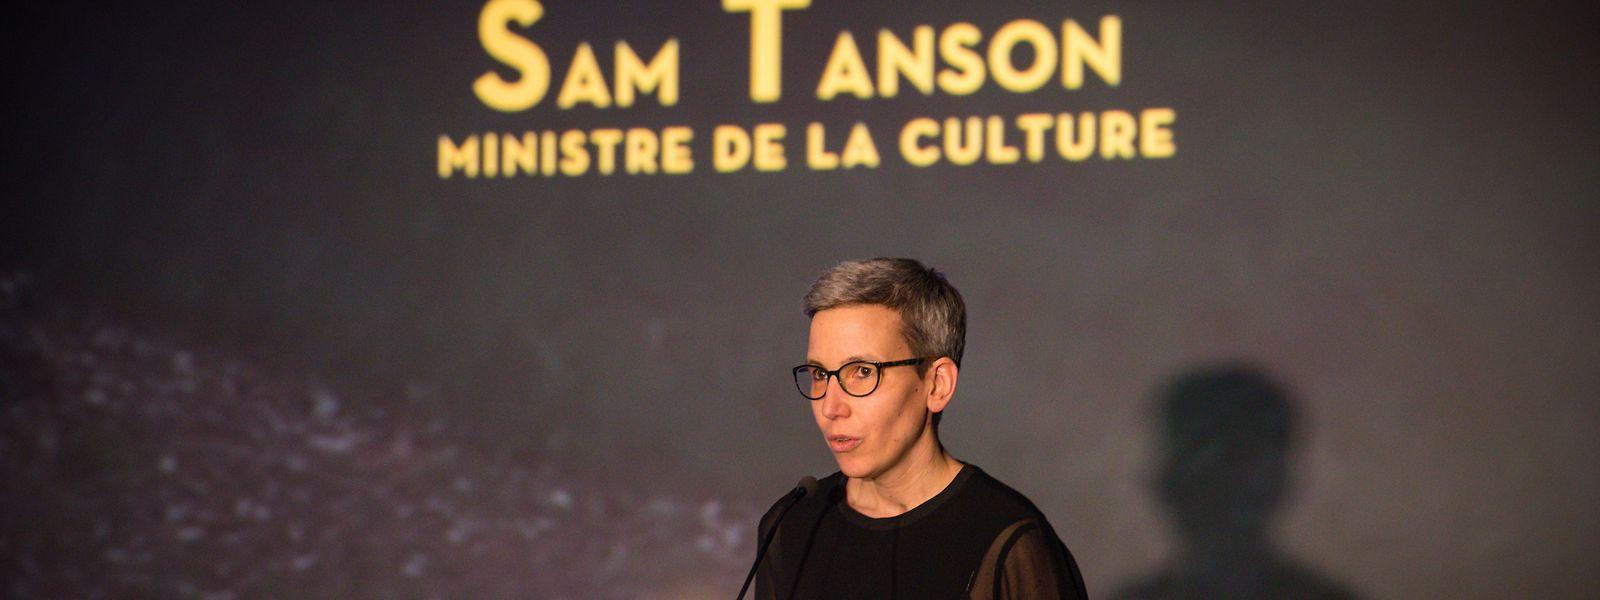 Kulturministerin Sam Tanson sieht Handlungsbedarf bei den oft schwierigen Einkommensverhältnissen von Künstlern in Zeiten der Krise.